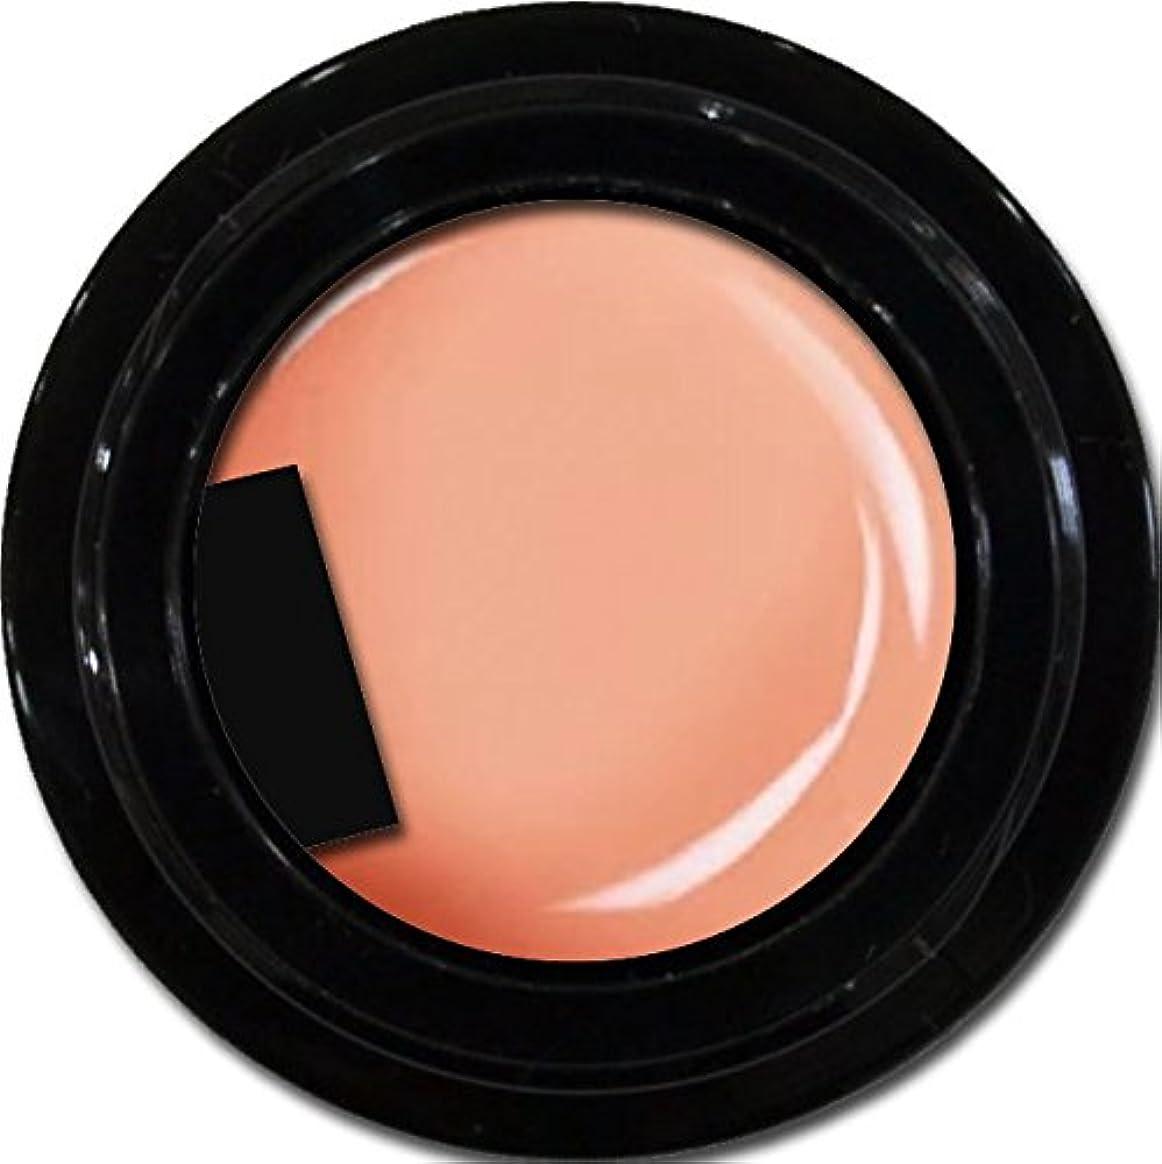 展示会充実個人的にカラージェル enchant color gel M302 NavelOrange 3g/ マットカラージェル M302 ネーブルオレンジ 3グラム